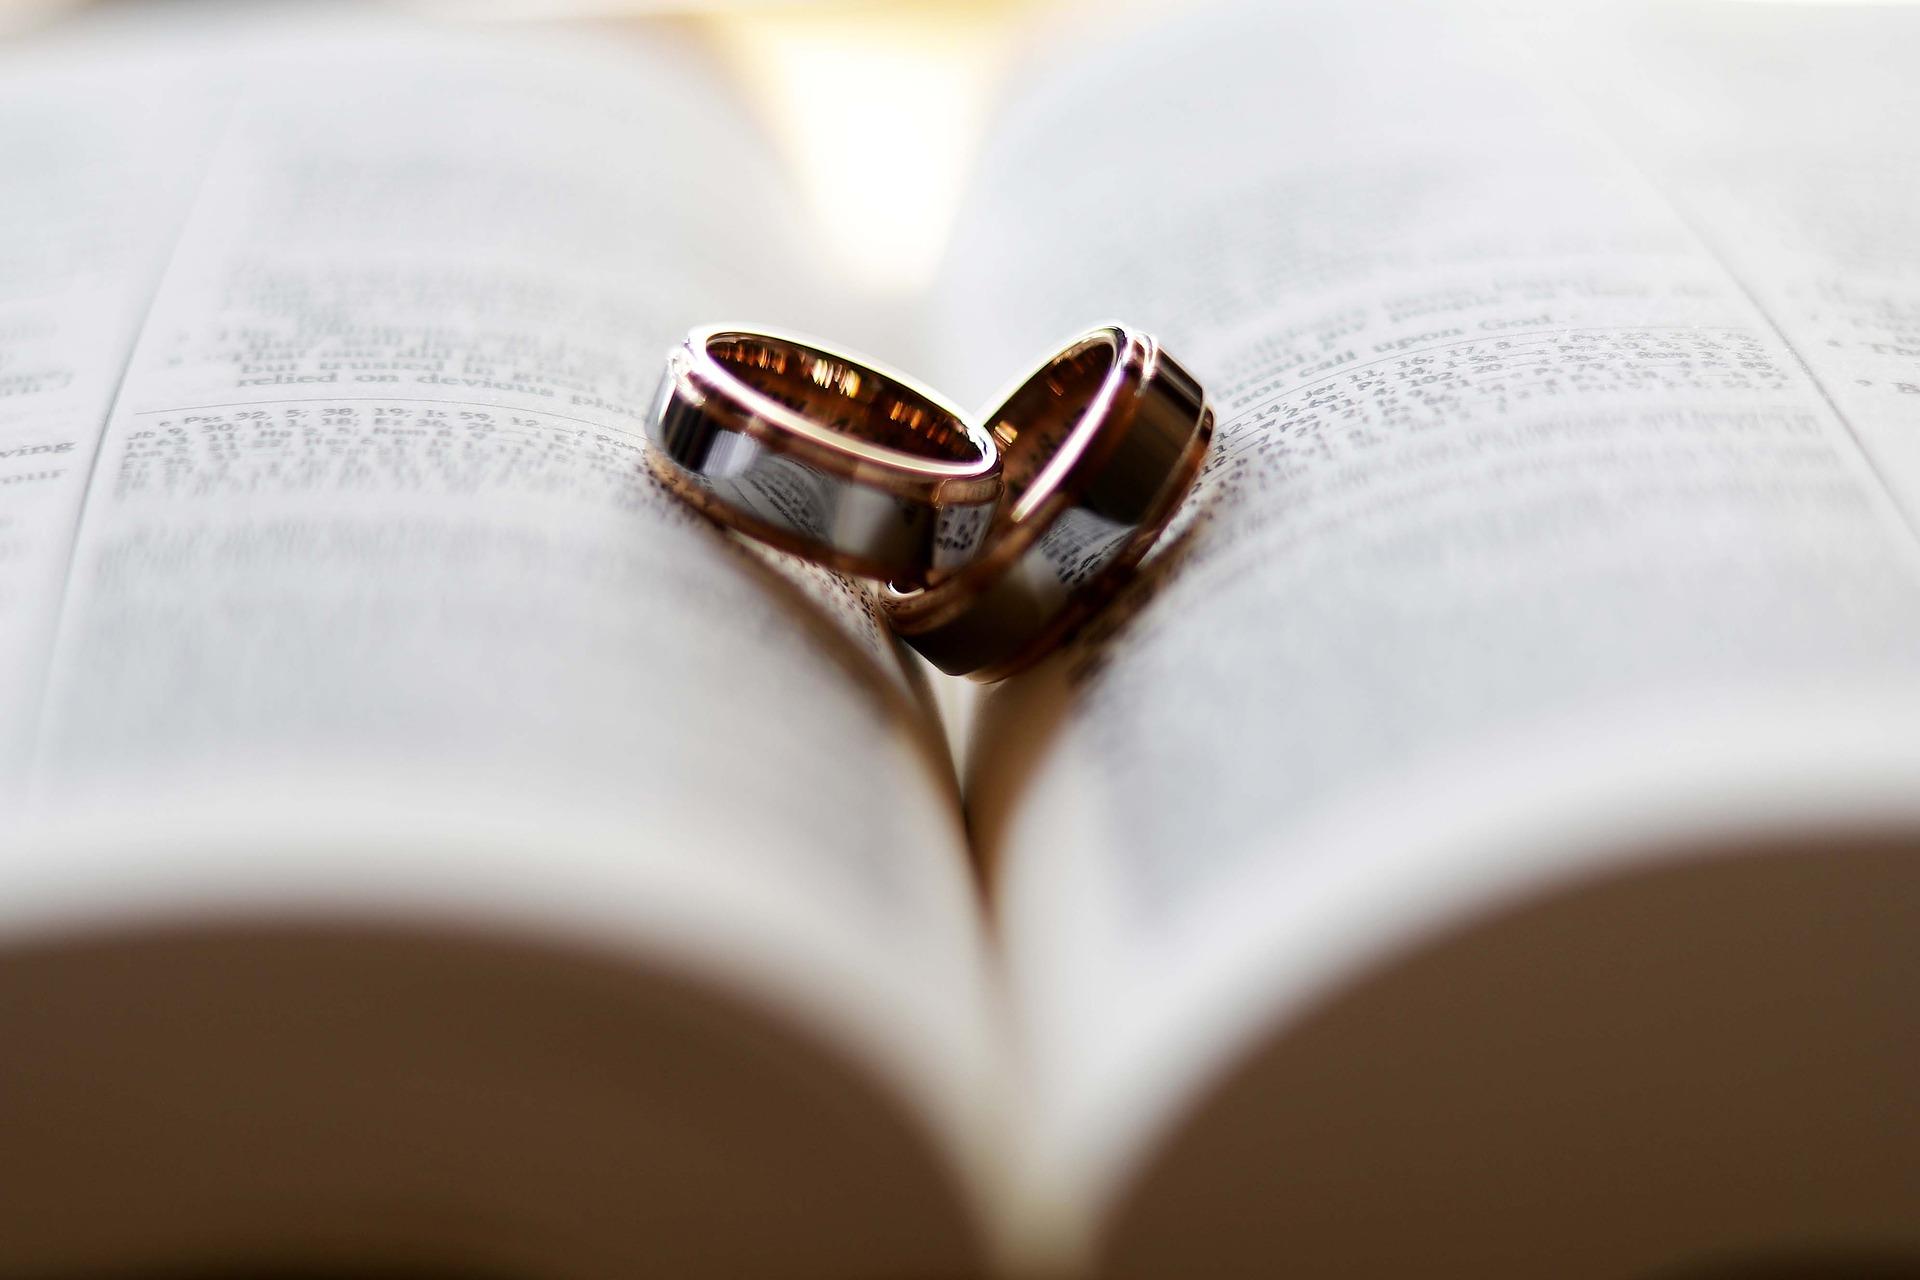 متى يعود الزوج لزوجته الاولى؟